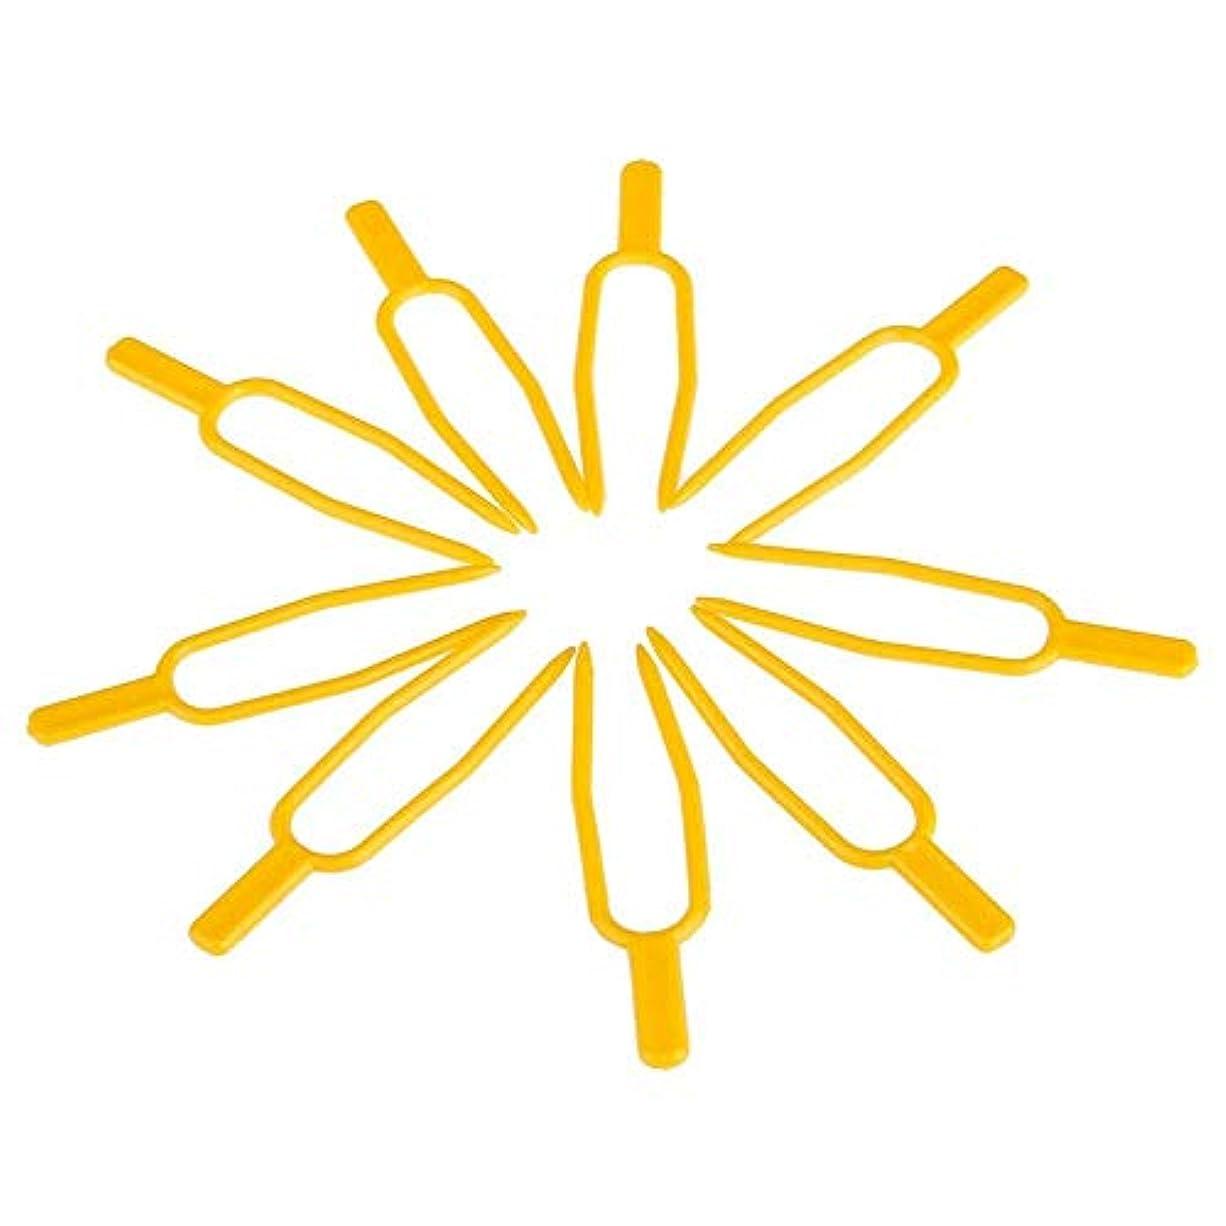 罪人エンゲージメントリズムchaselpod プラントクリップ イチゴフォーク 固定フォーク ガーデンツール DIY 工具 園芸用便利クリップ 100個入りセット